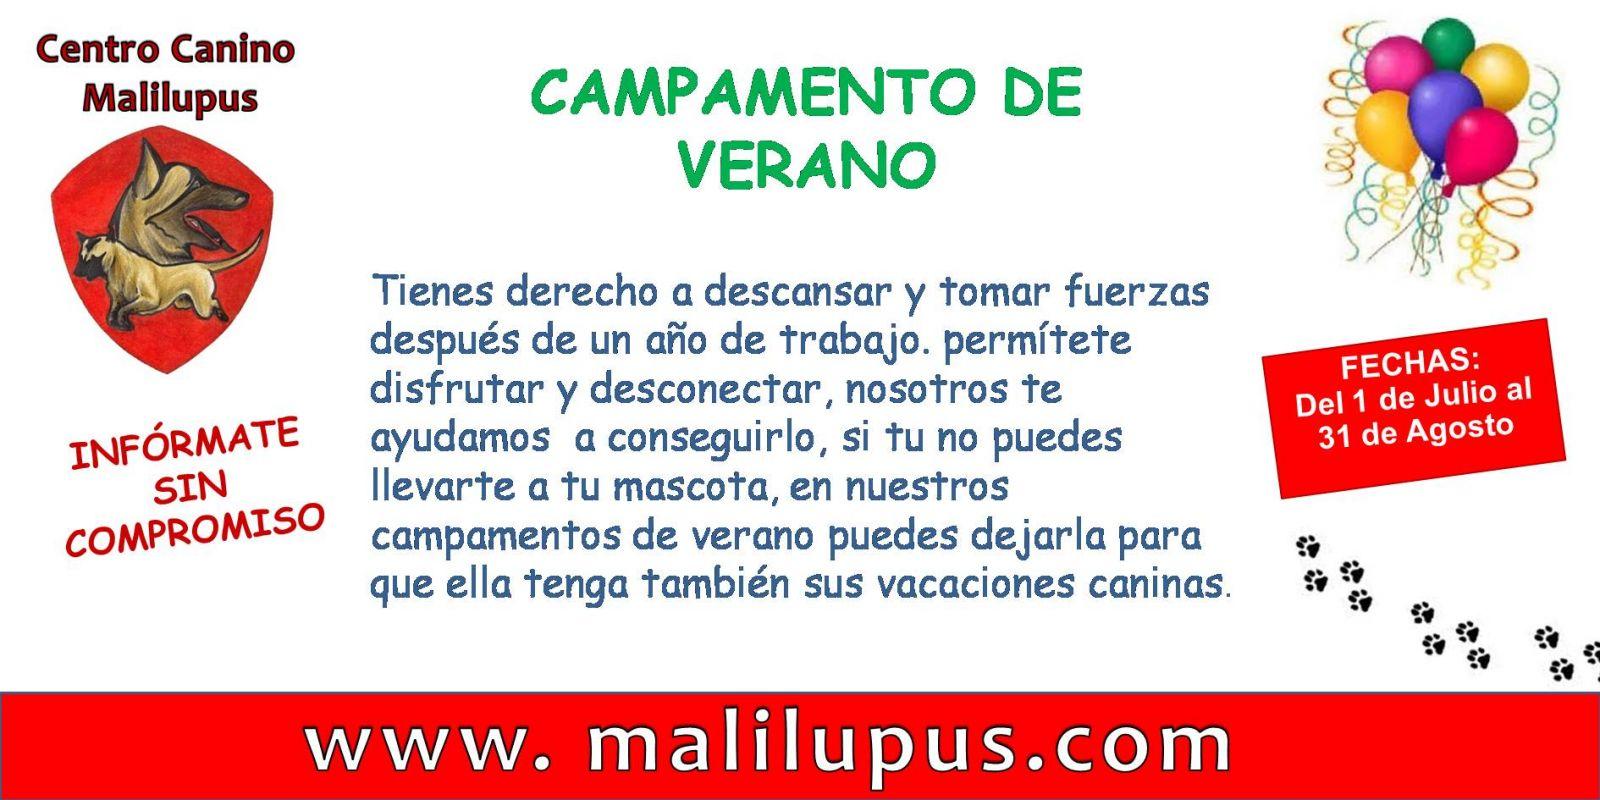 Campamentos de Verano en el Hotel Canino Malilupus